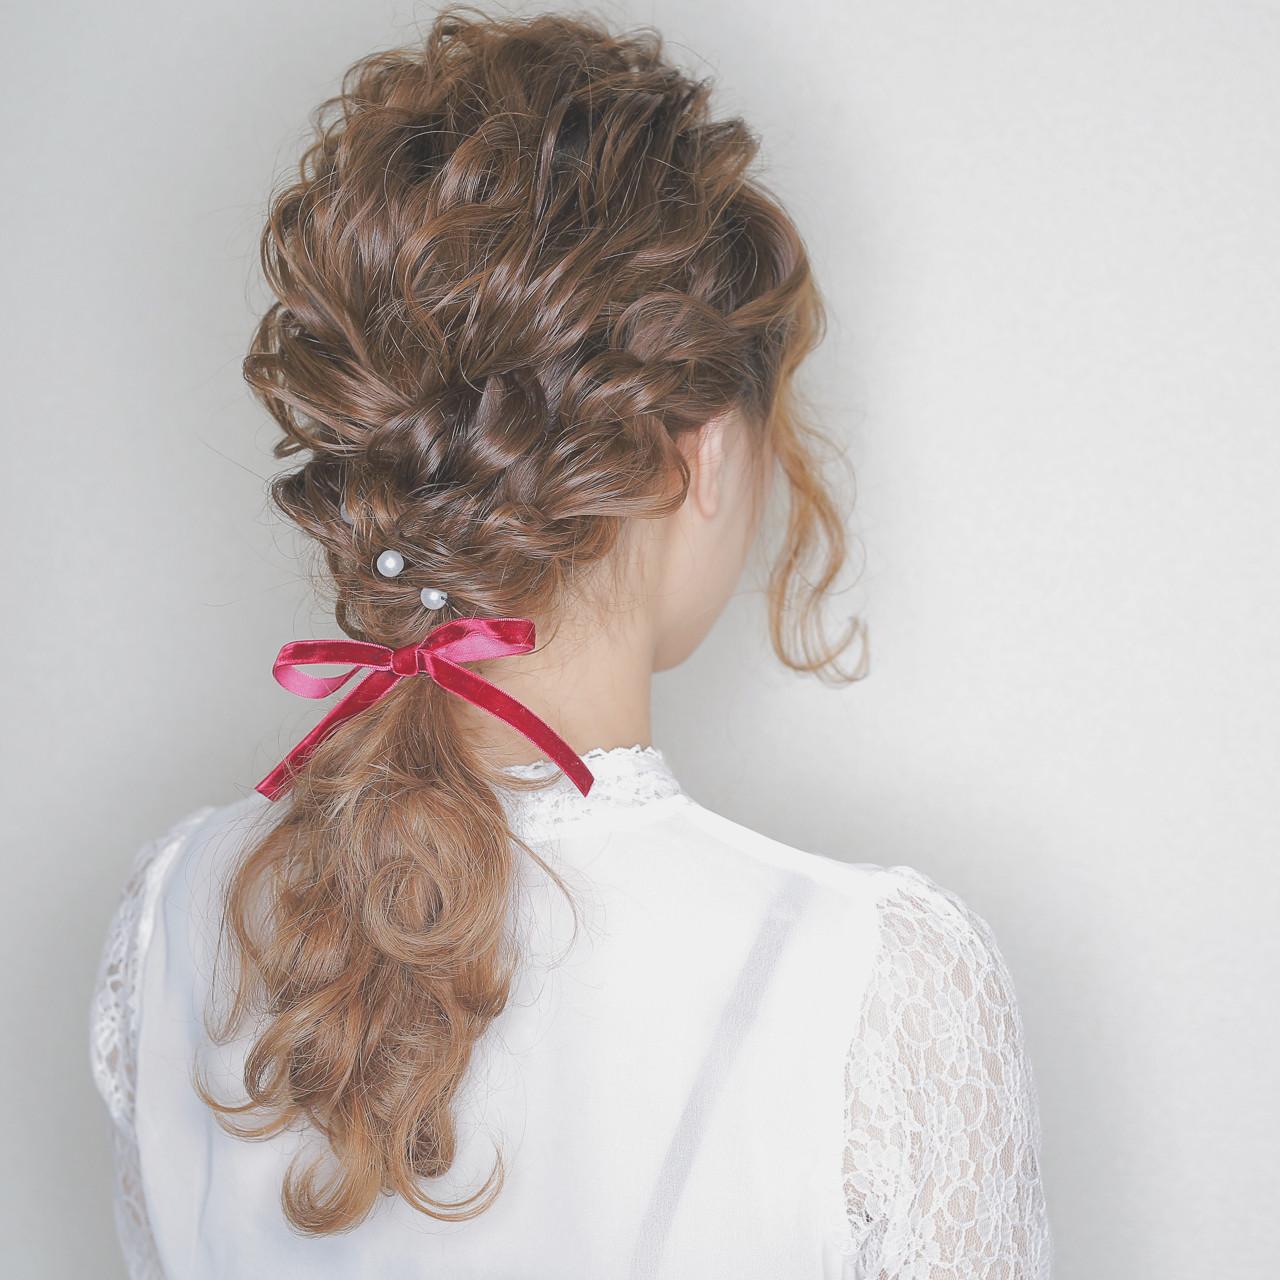 モテ髪 ナチュラル 大人かわいい 愛され ヘアスタイルや髪型の写真・画像 | chiaki / magnet hair